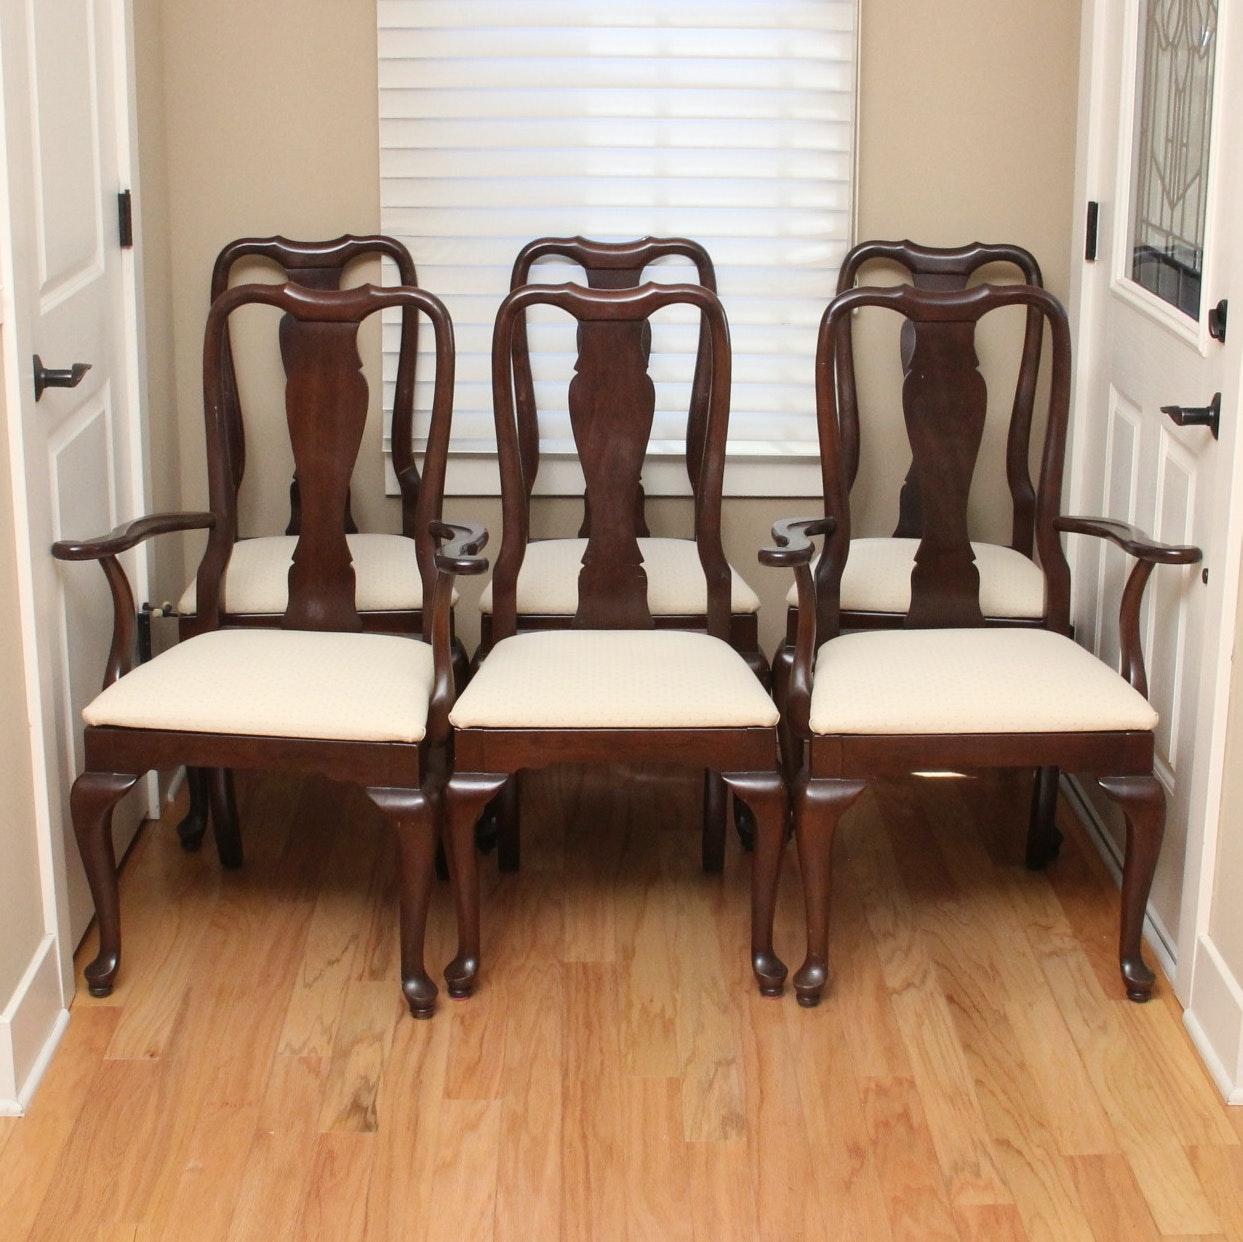 Ethan Allen quotGeorgian Courtquot Queen Anne Dining Chairs EBTH : IMG9351JPGixlibrb 11 from www.ebth.com size 880 x 906 jpeg 138kB